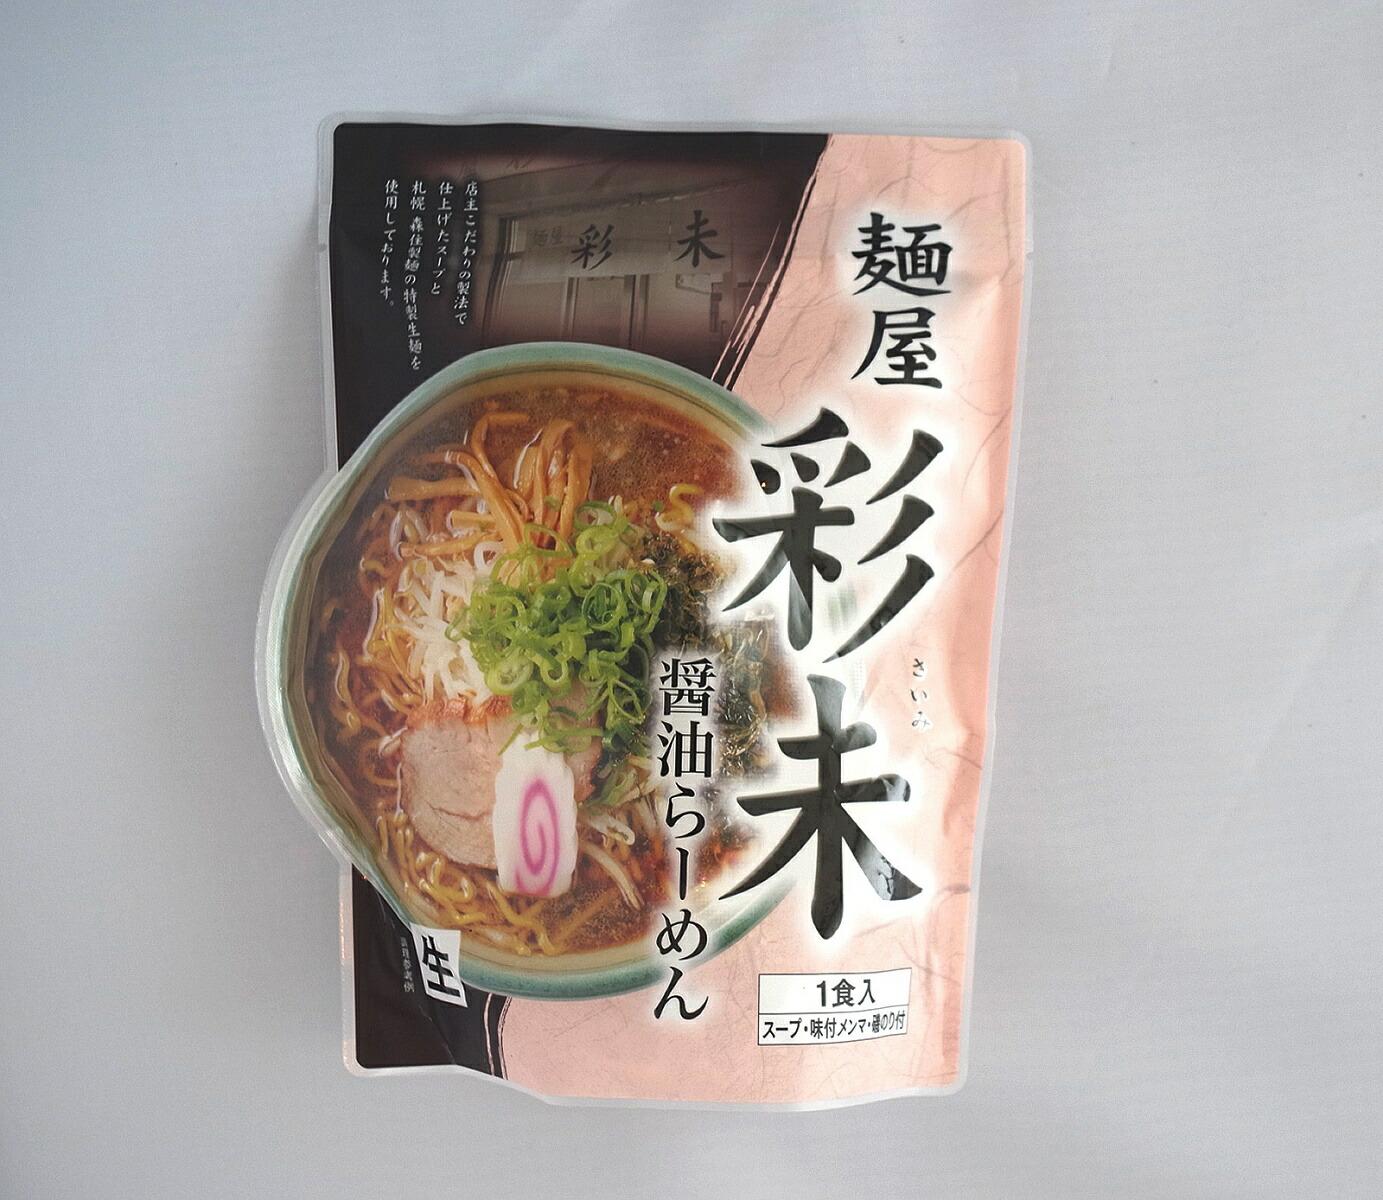 麺屋 彩未(さいみ) 醤油らーめん 1食入